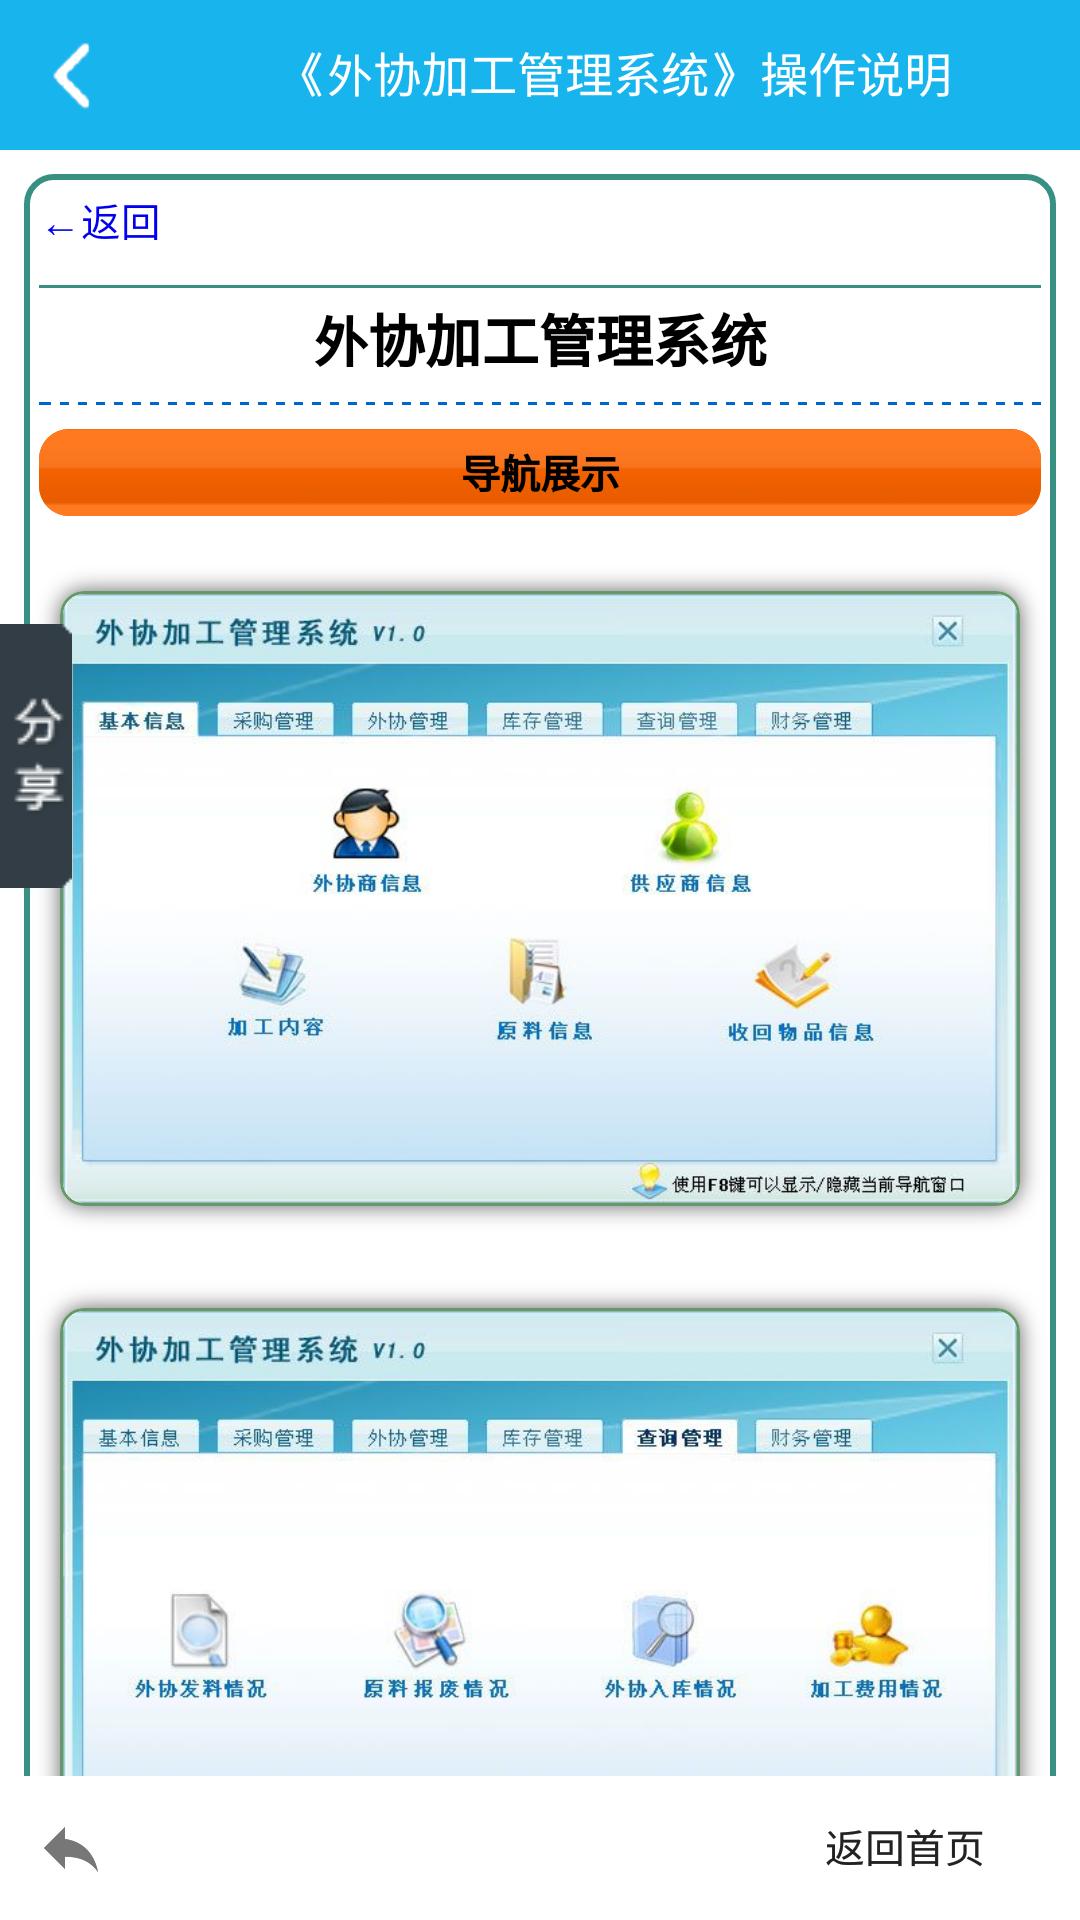 外协加工管理系统